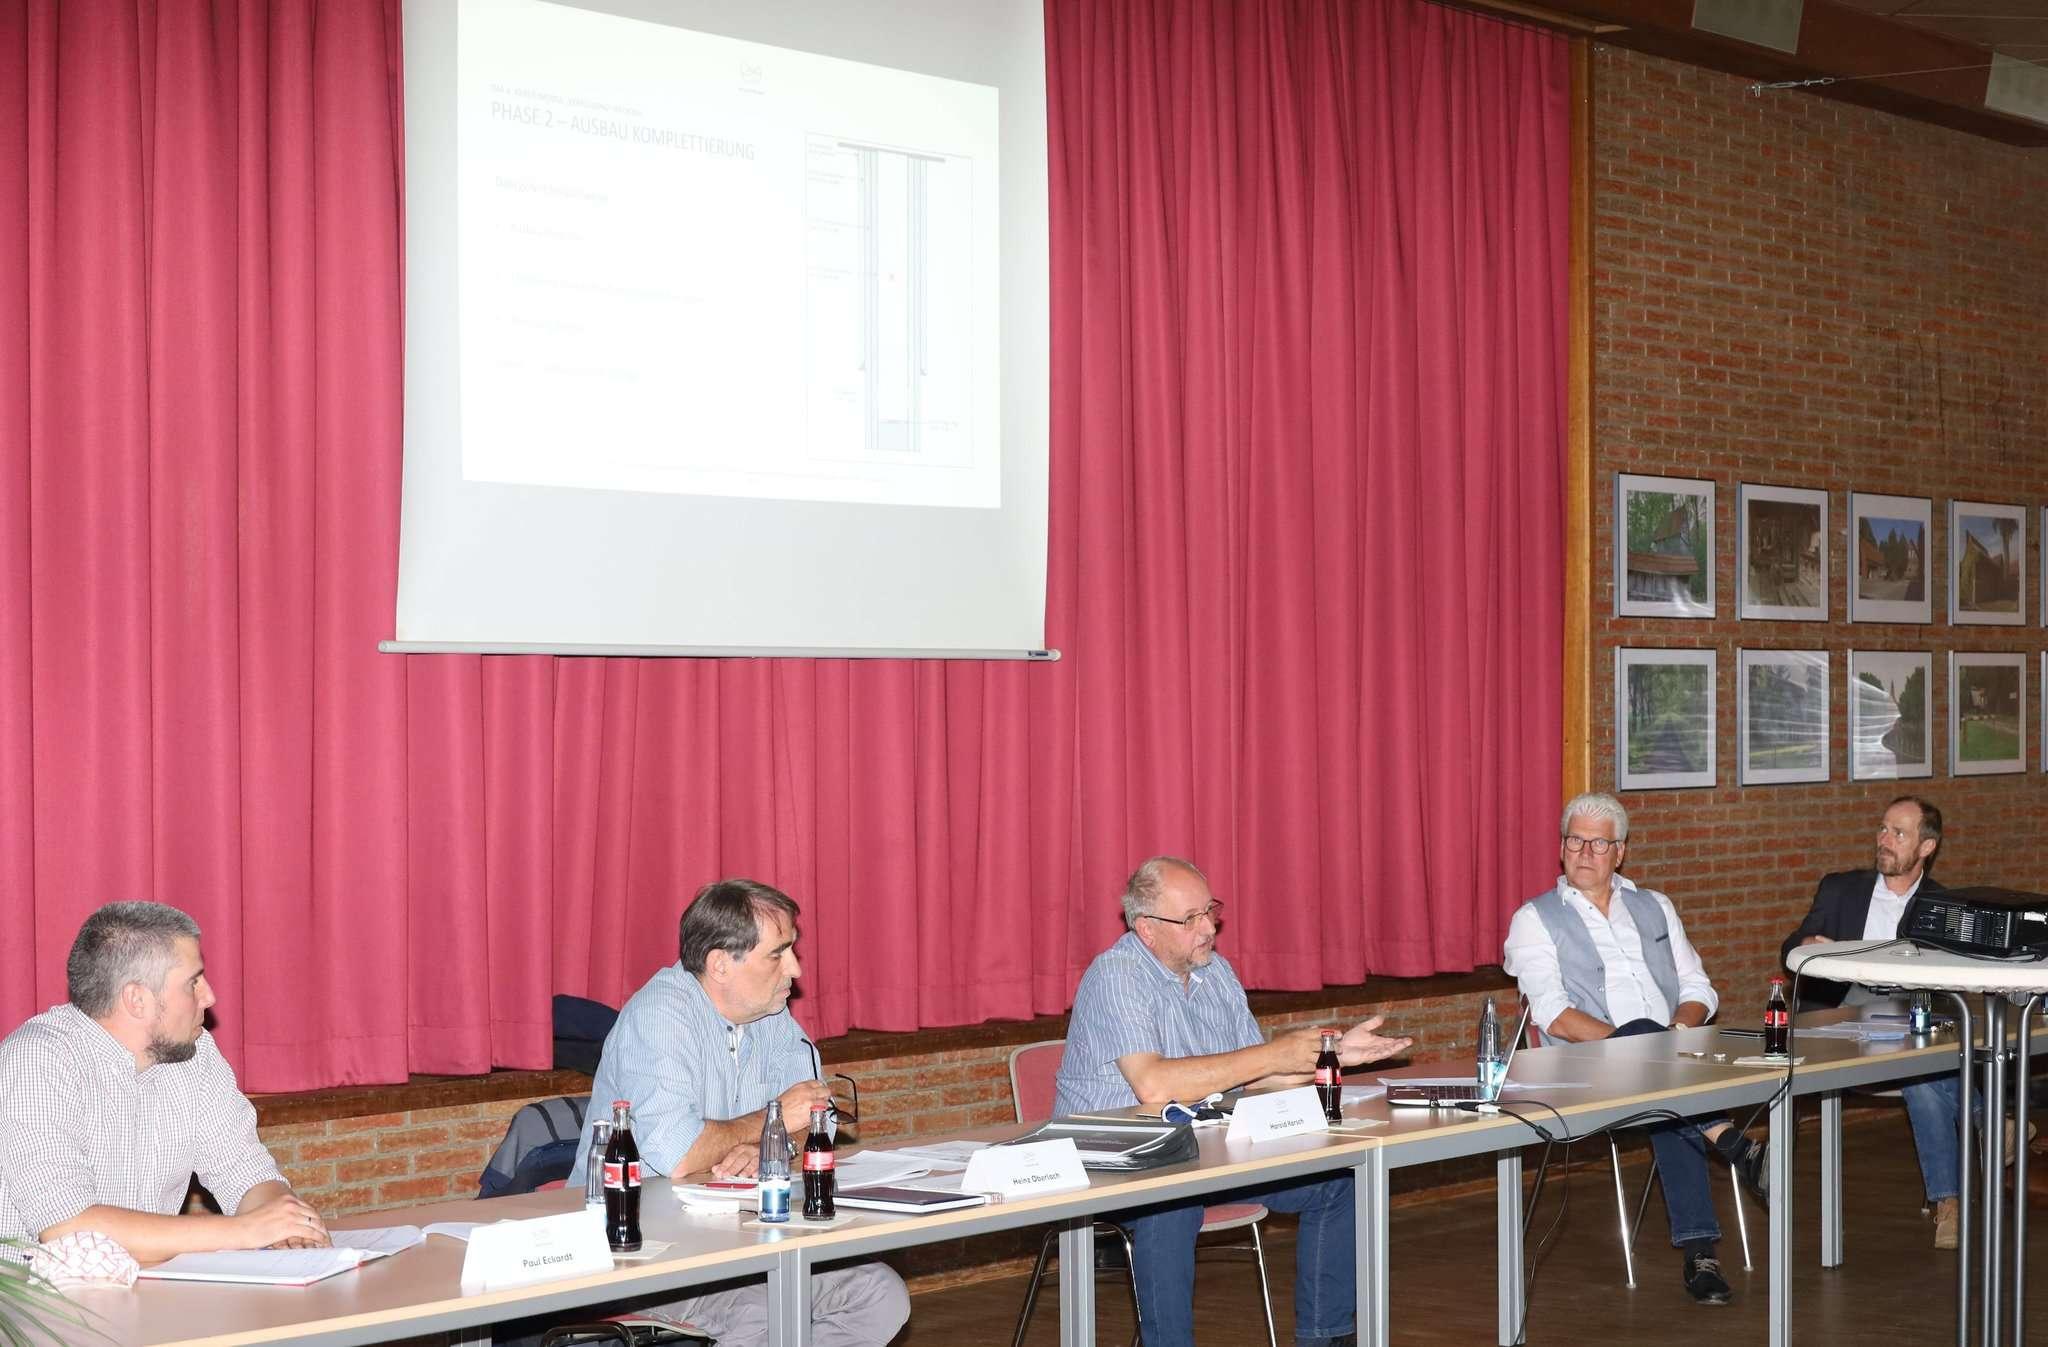 Projektleiter Paul Eckhardt (von links), Wintershall Dea-Firmensprecher Heinz Oberlach, Bohringenieur Harold Karsch und Bürgermeister Ralf Goebel im DGH Wittorf.